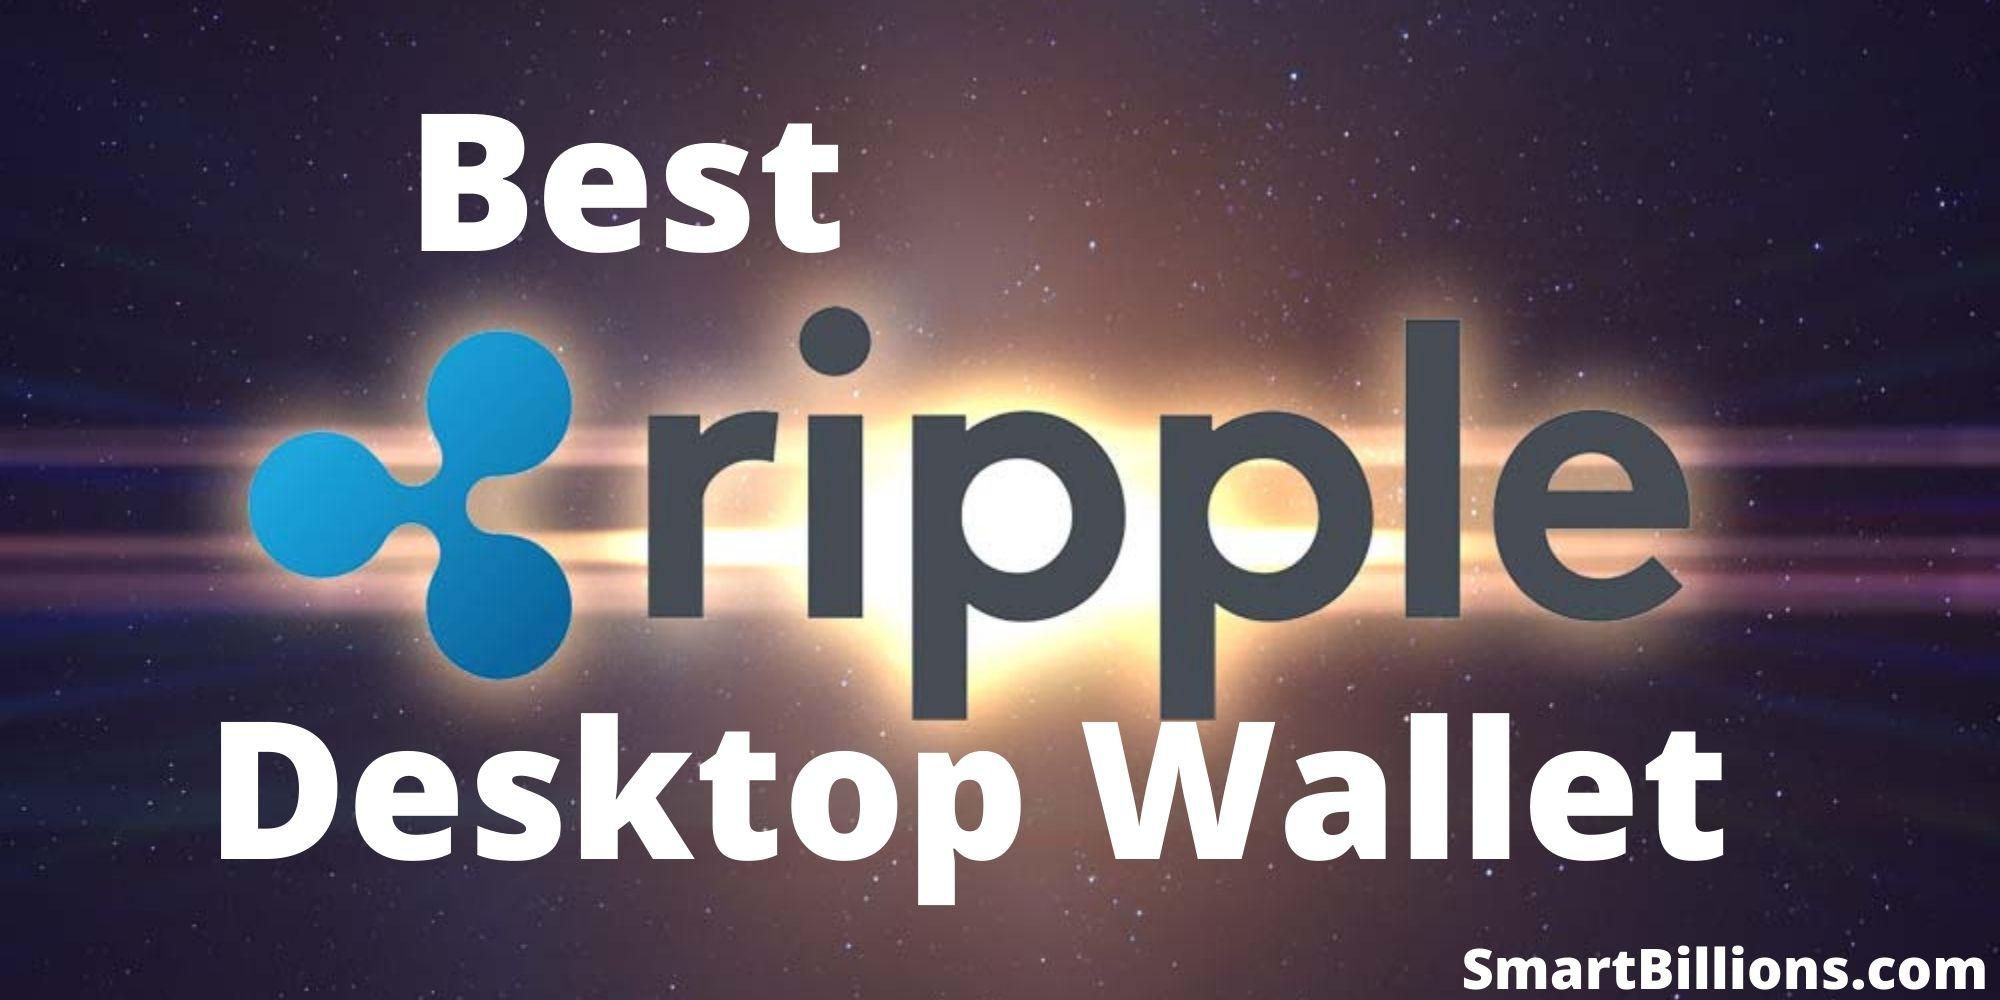 best ripple desktop wallet